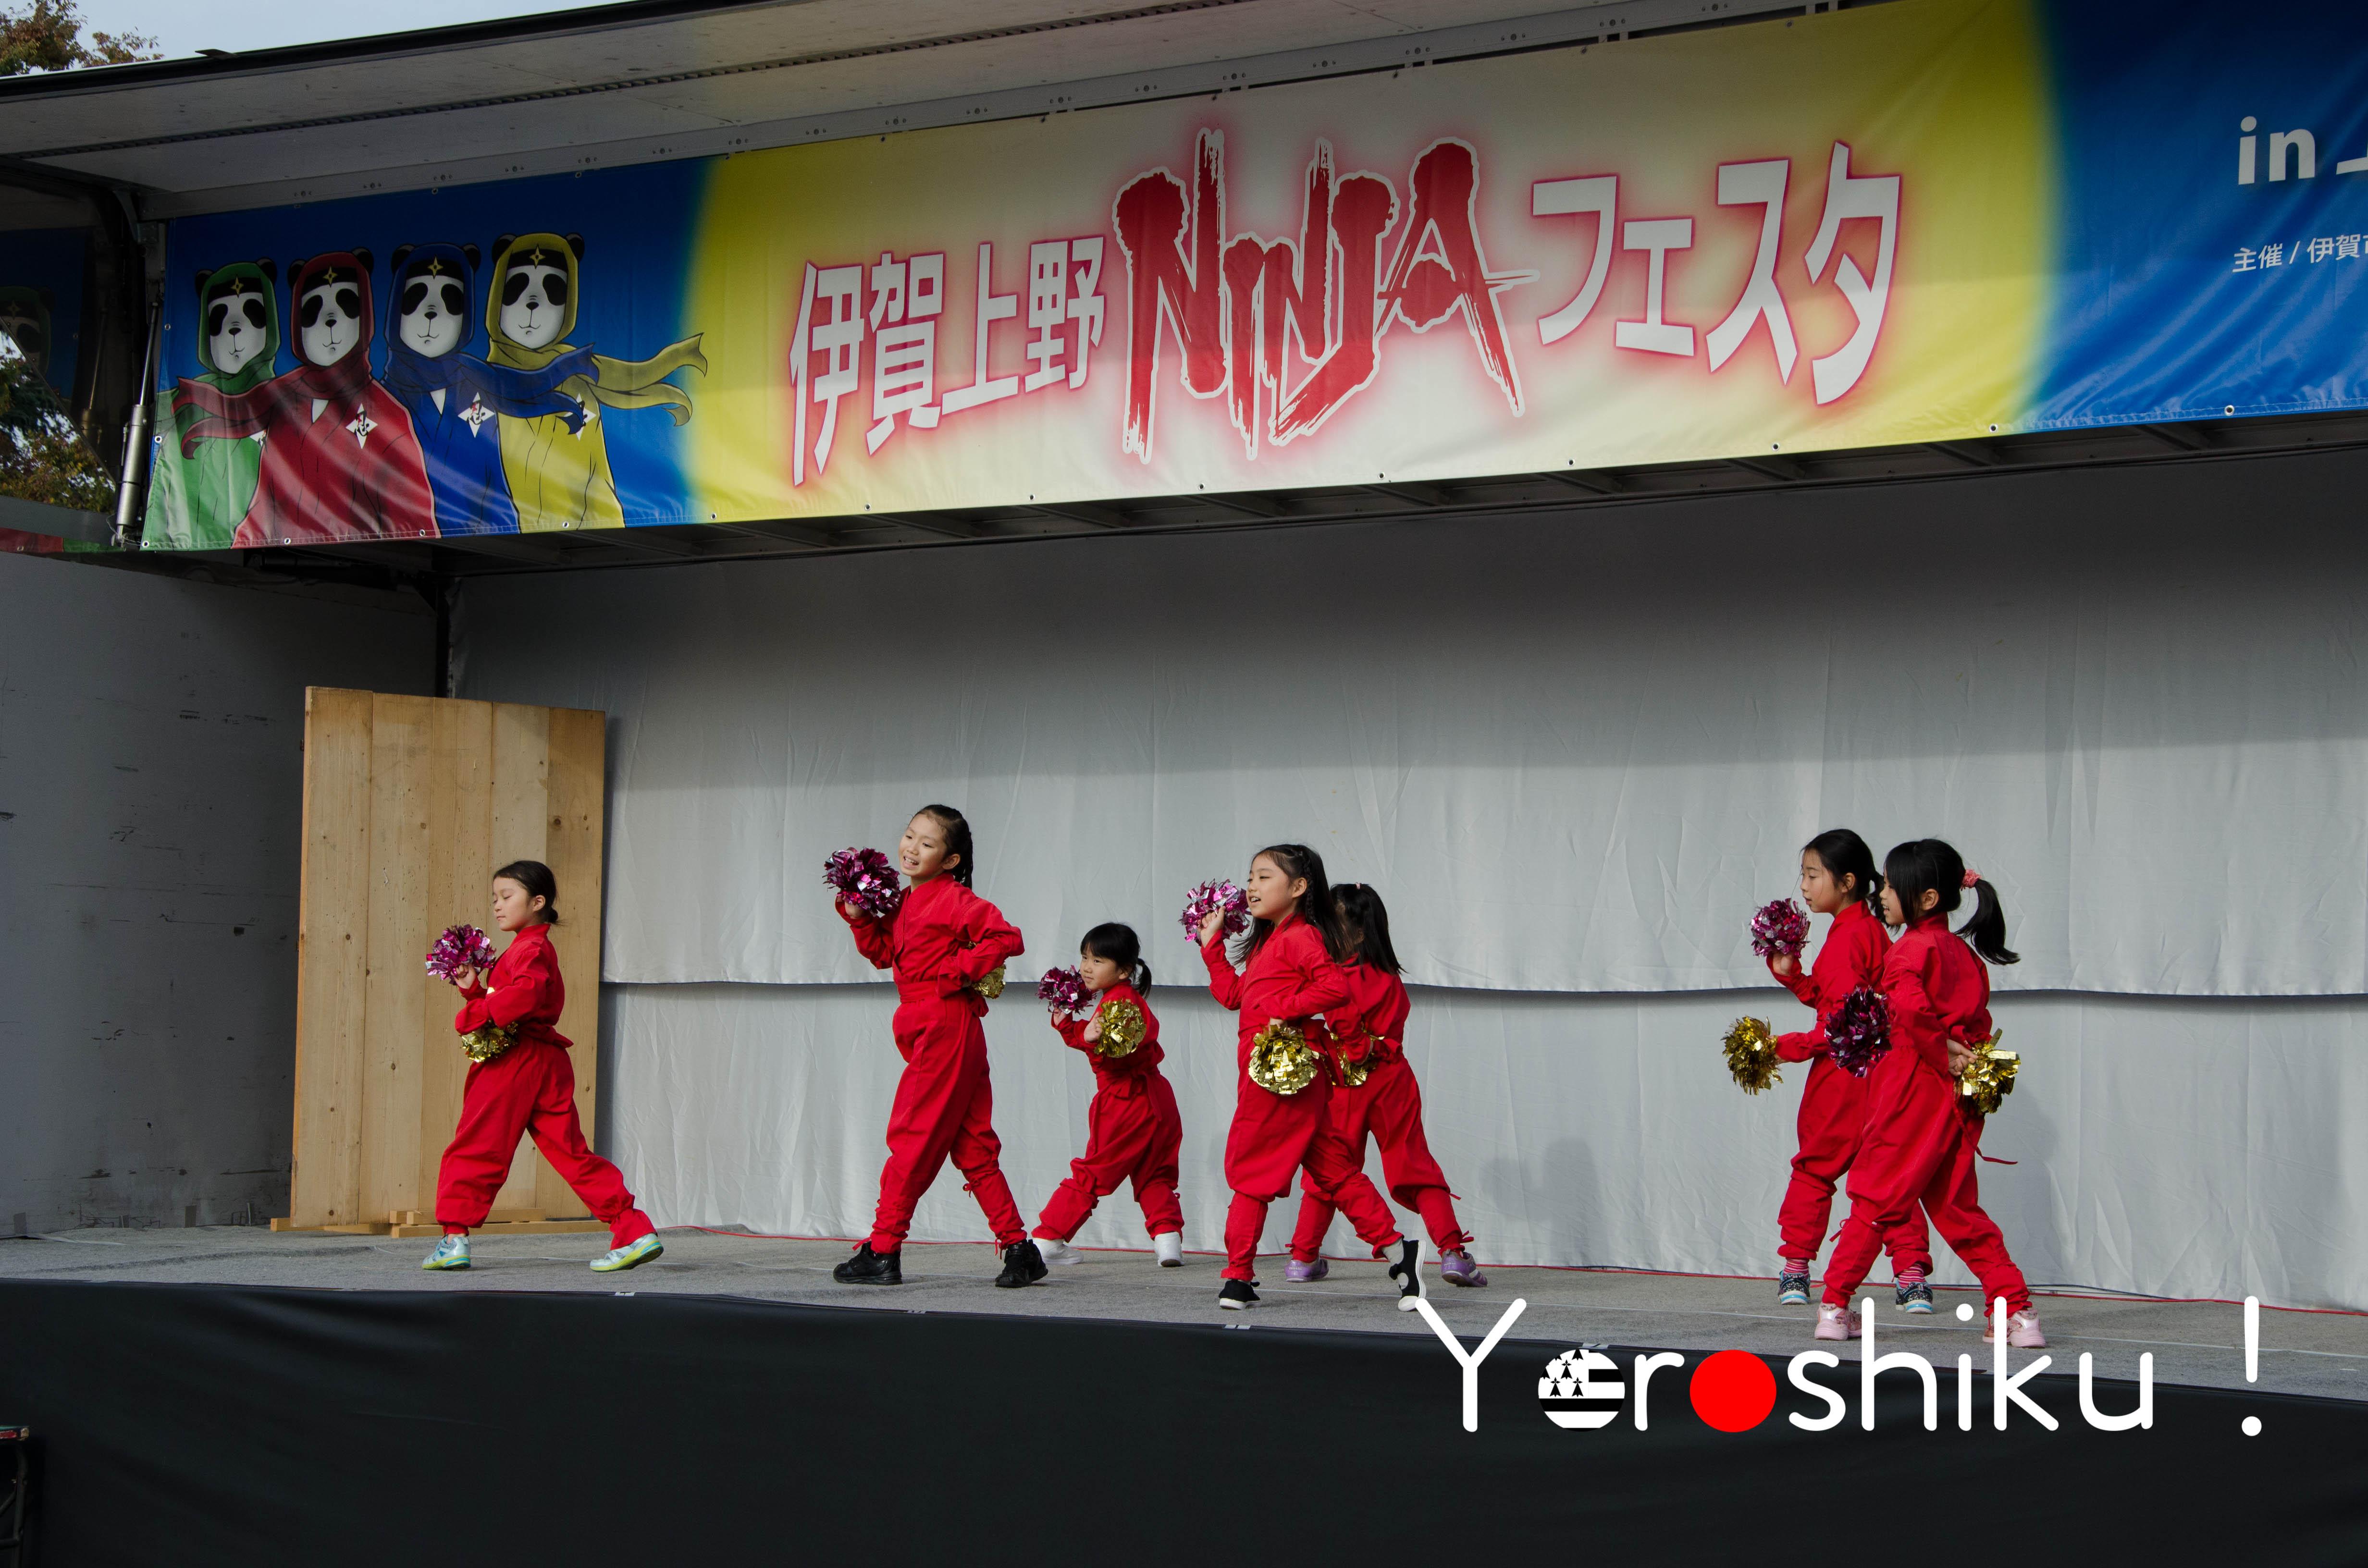 iga-ueno-ninja-festa-danse-yoroshiku